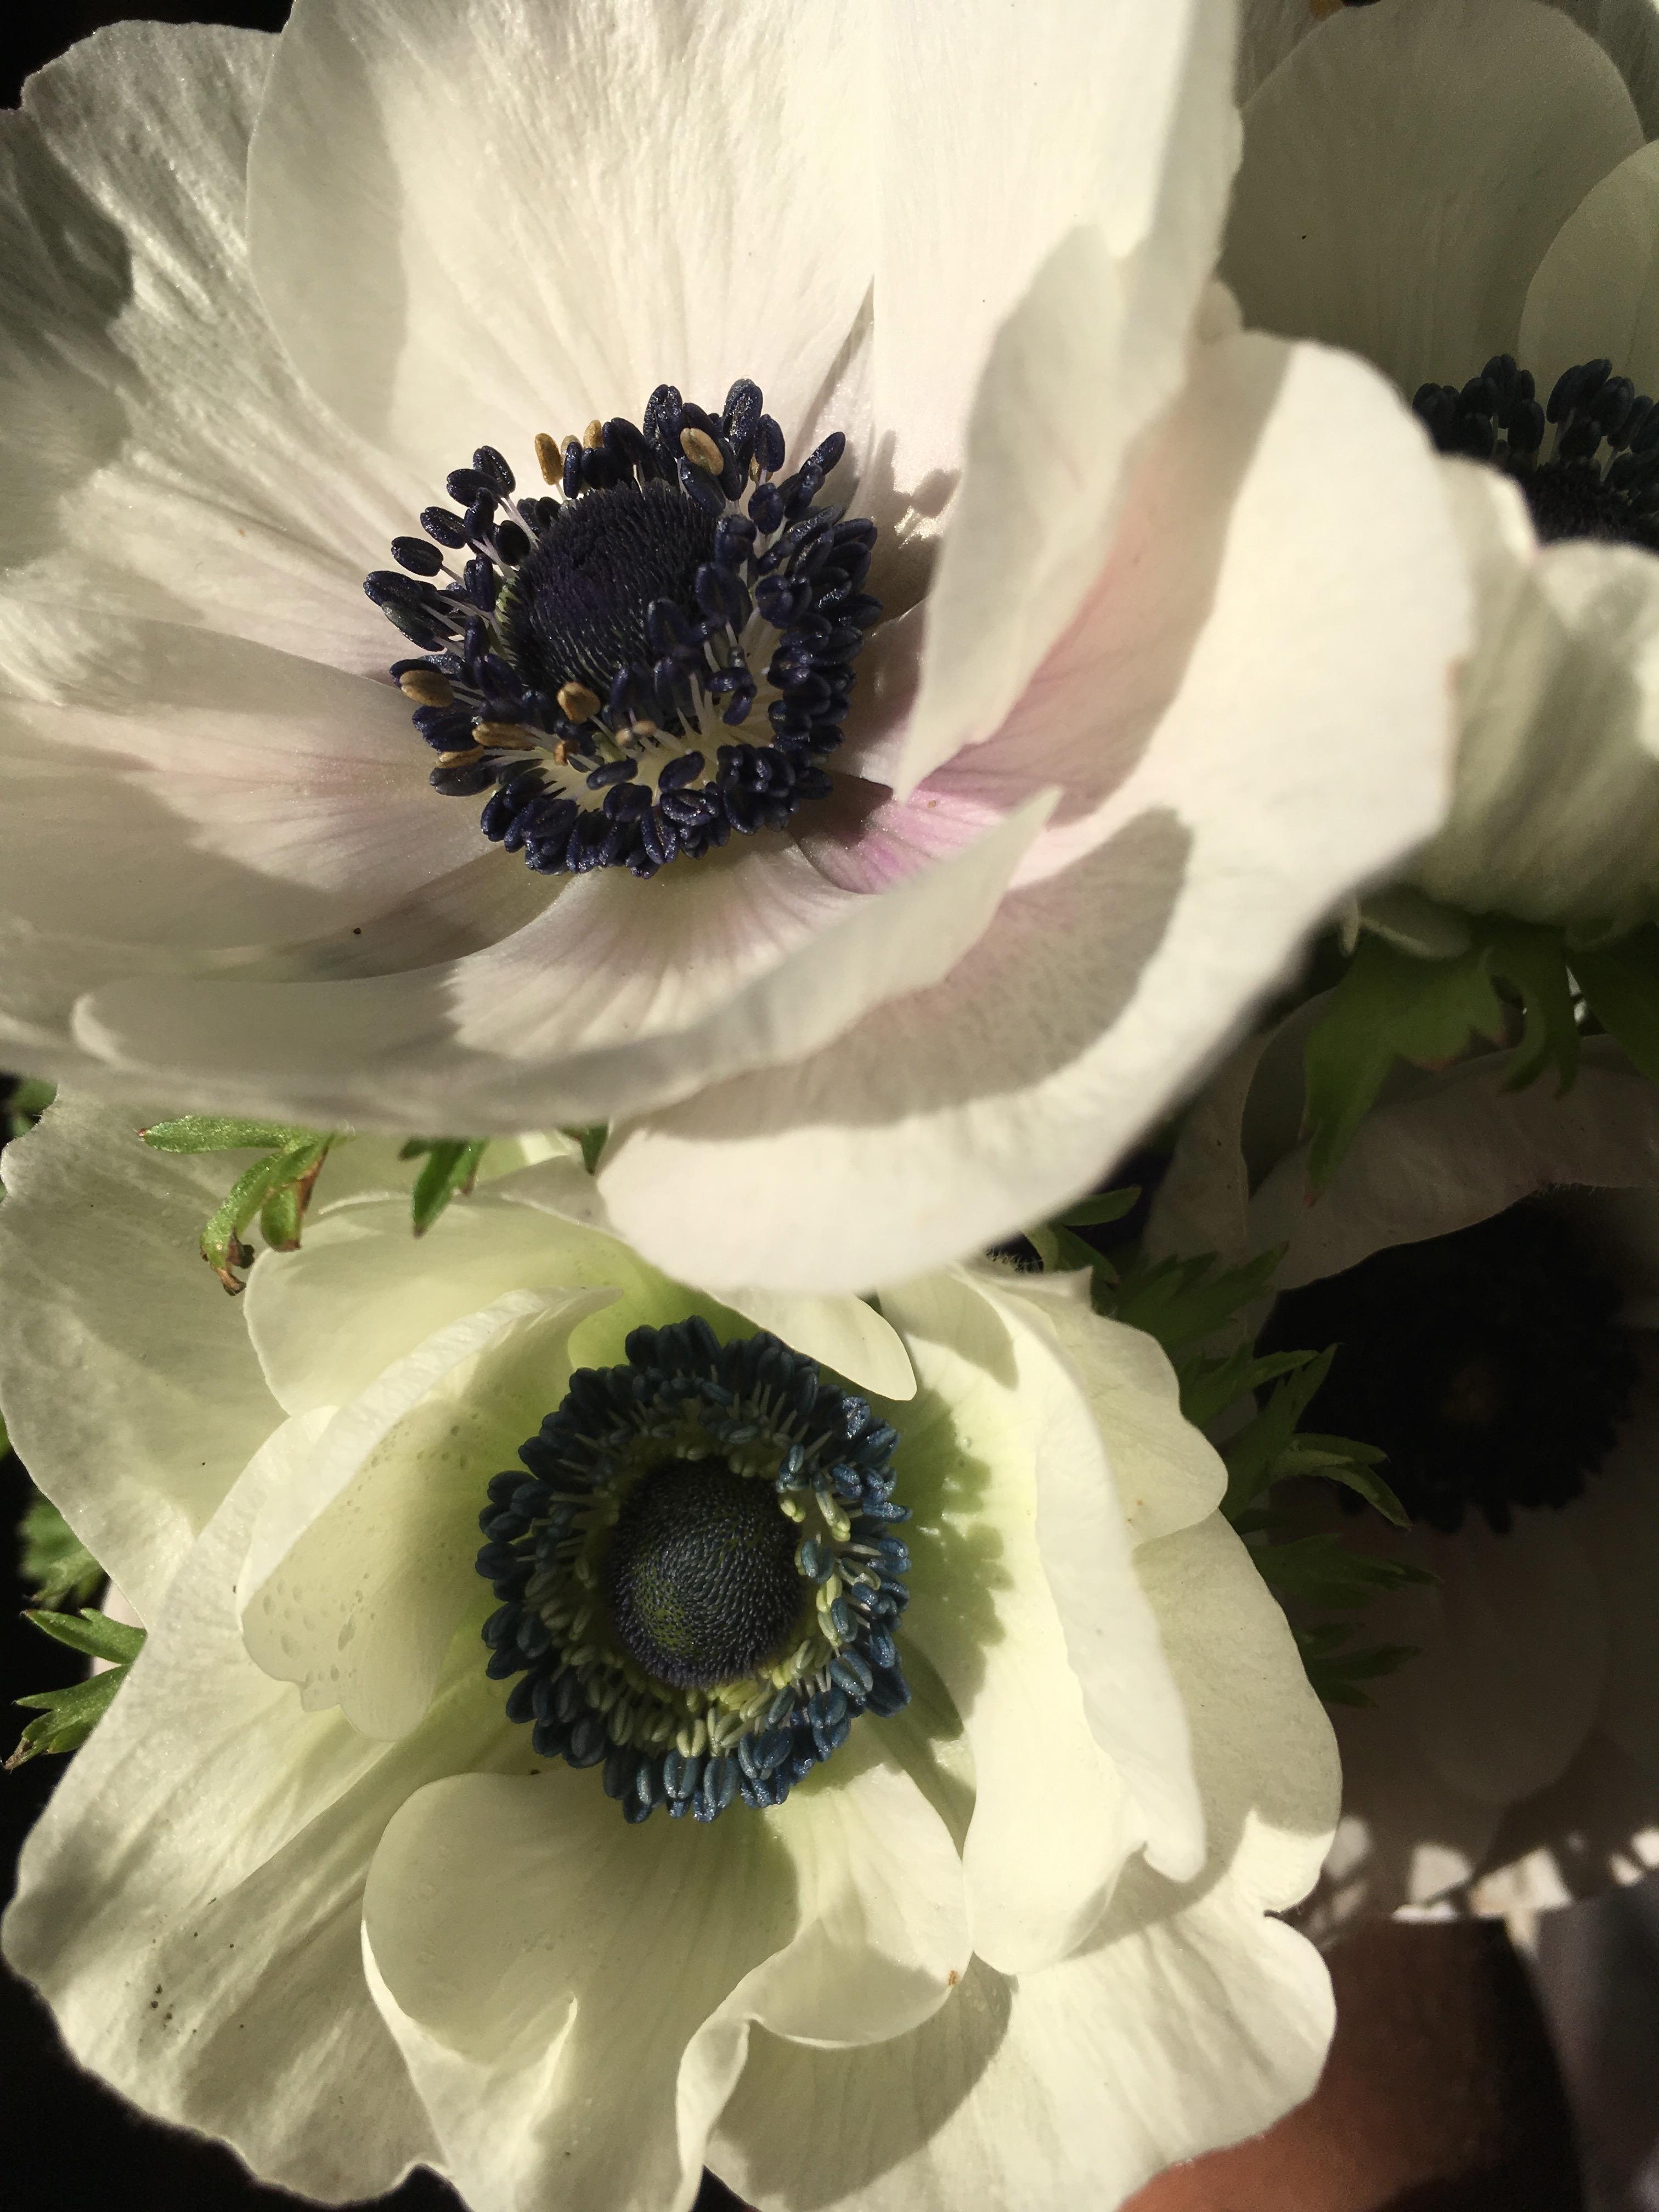 Kokoro anemone